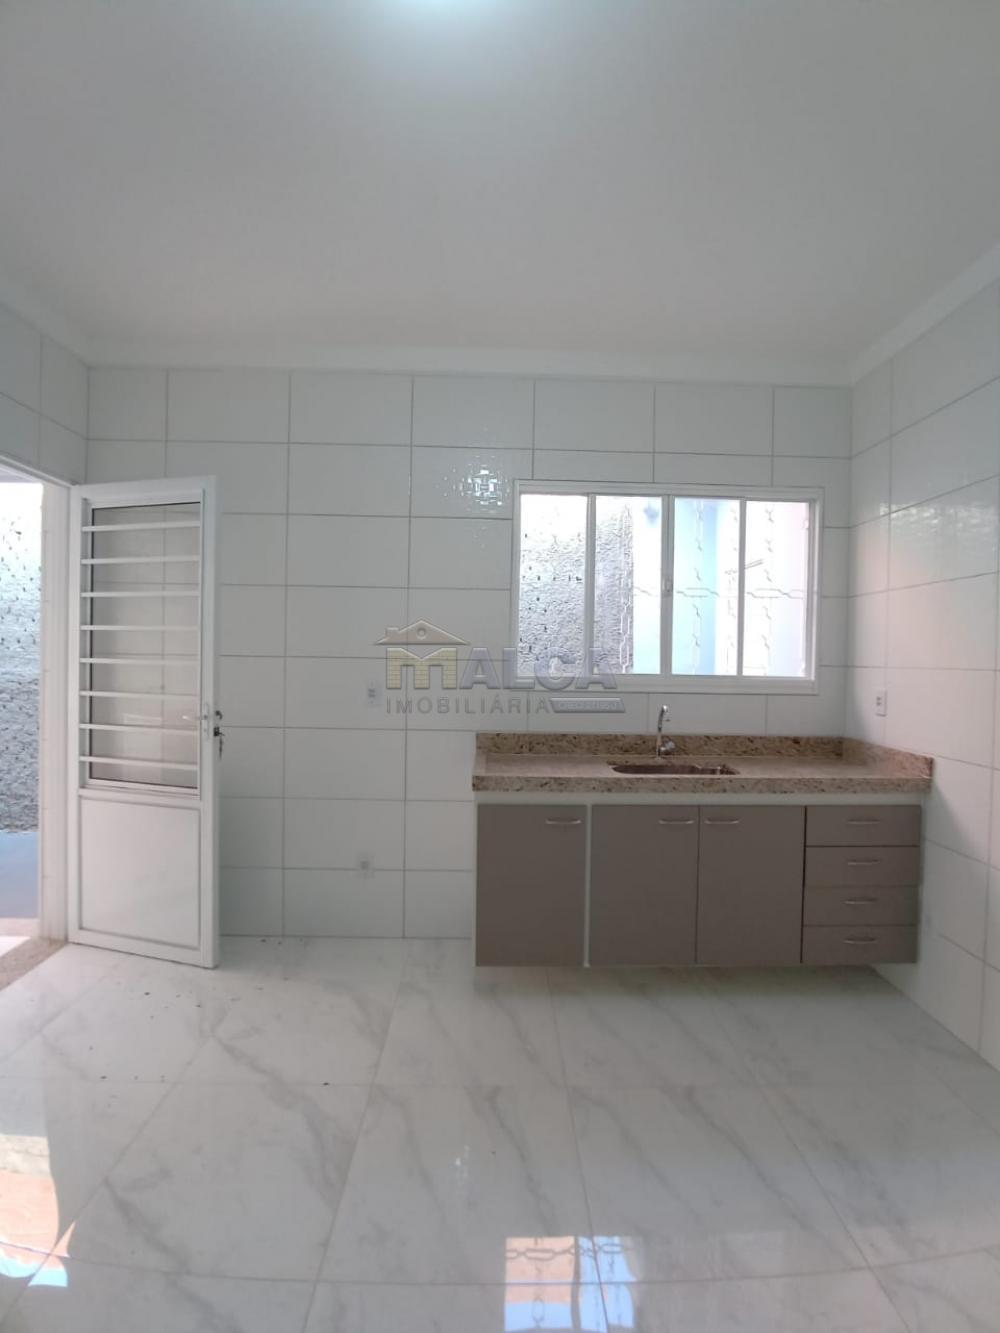 Alugar Casas / Padrão em São José do Rio Pardo apenas R$ 1.800,00 - Foto 17